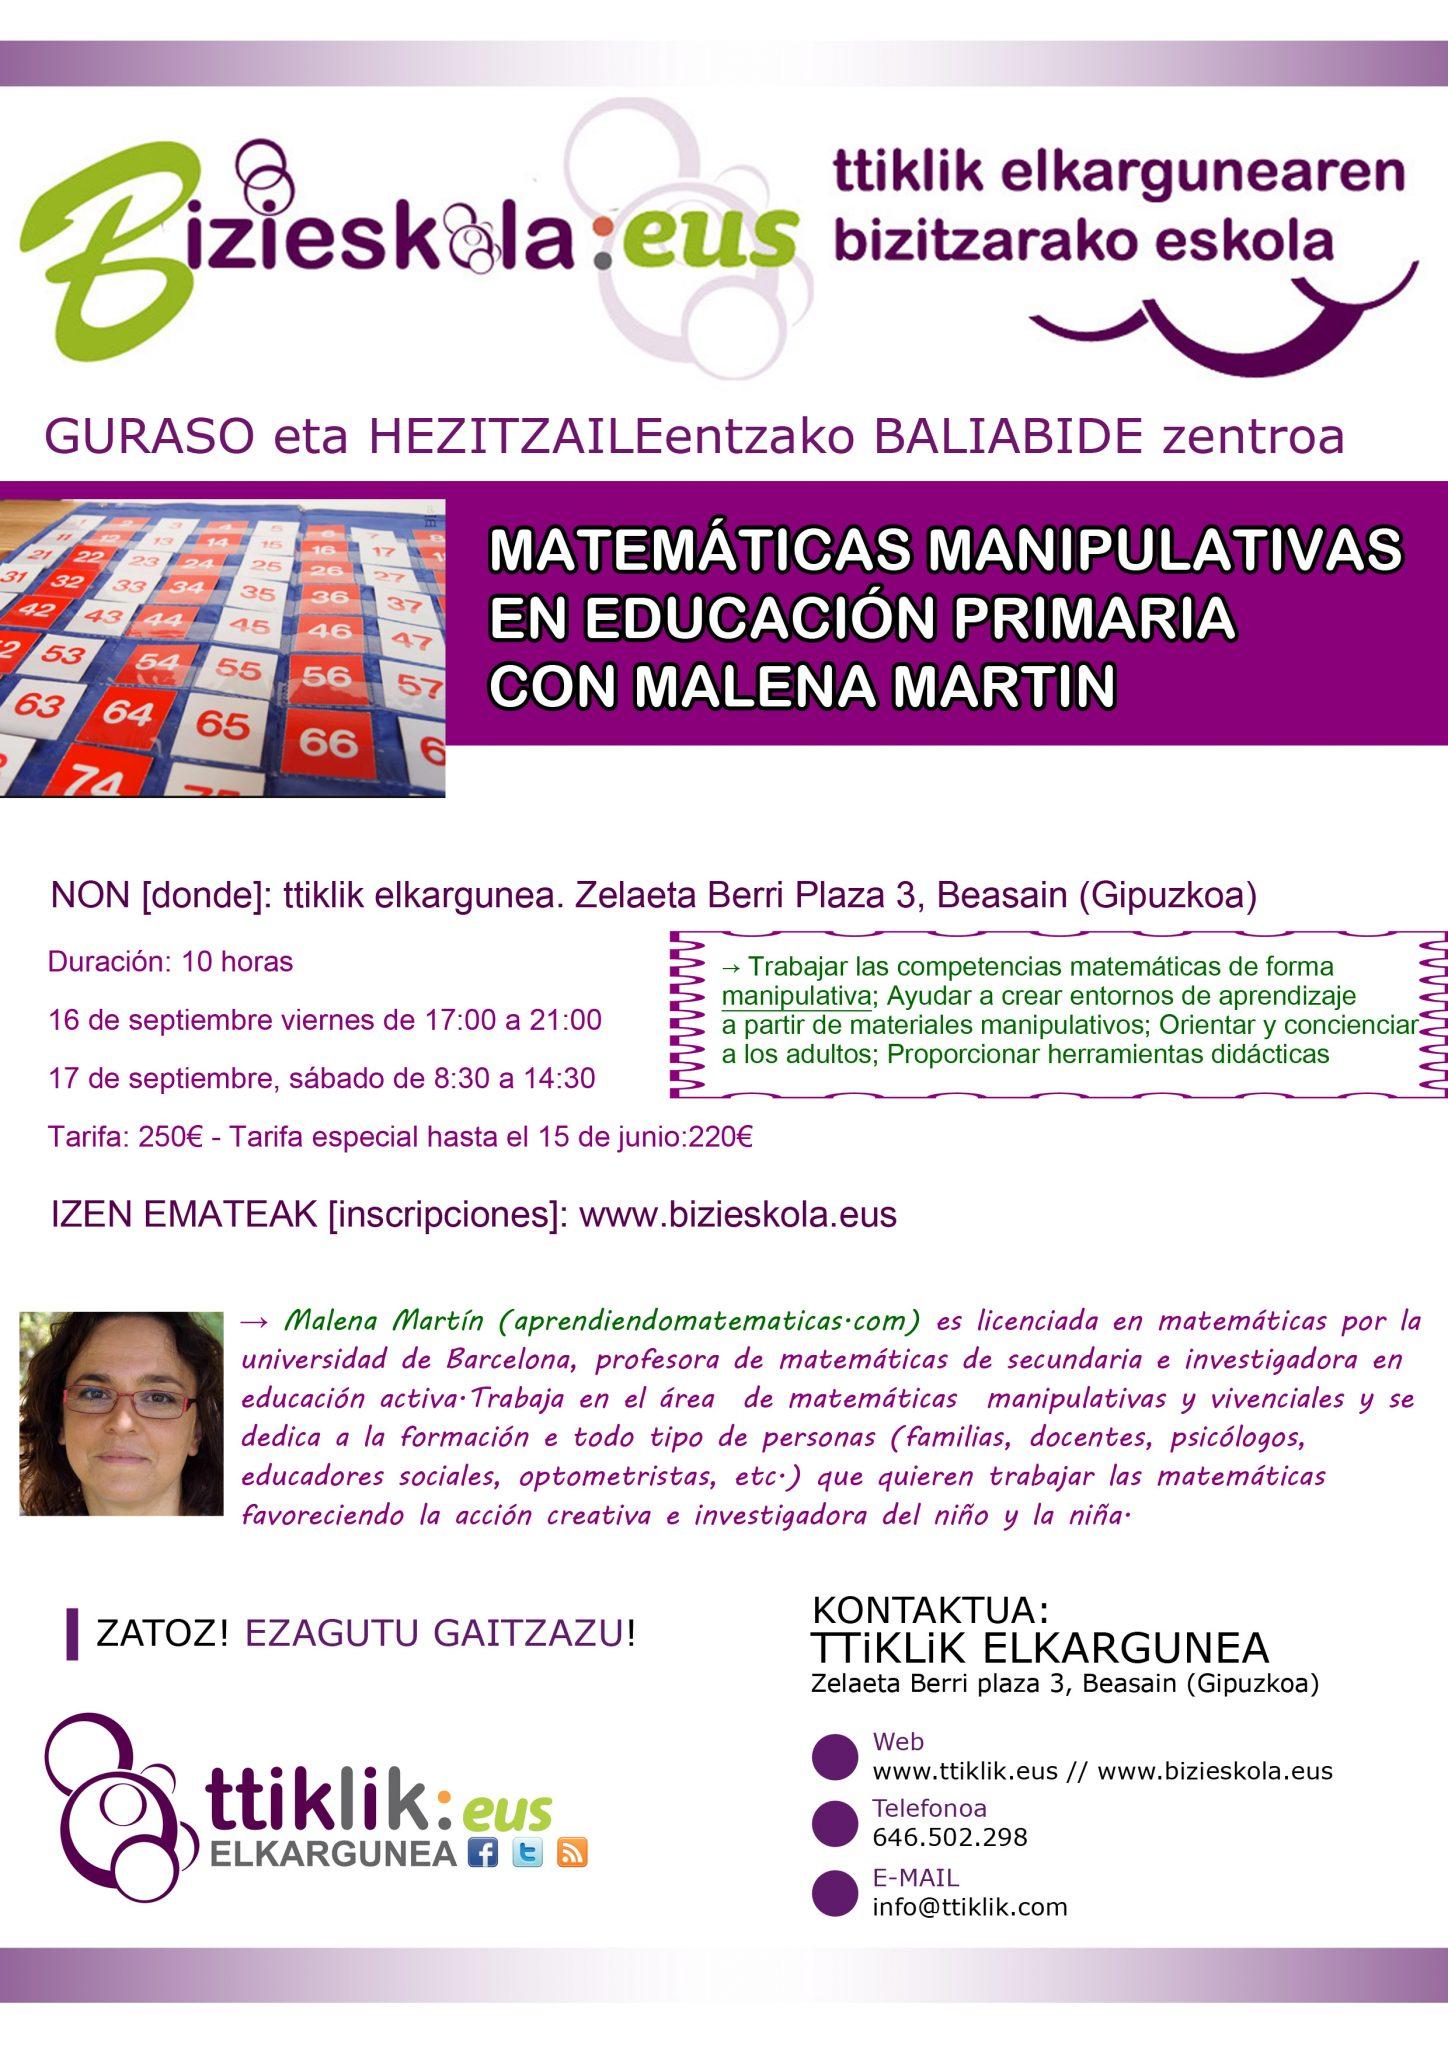 Photo of MATEMÁTICAS MANIPULATIVAS EN EDUCACIÓN PRIMARIA CON MALENA MARTIN